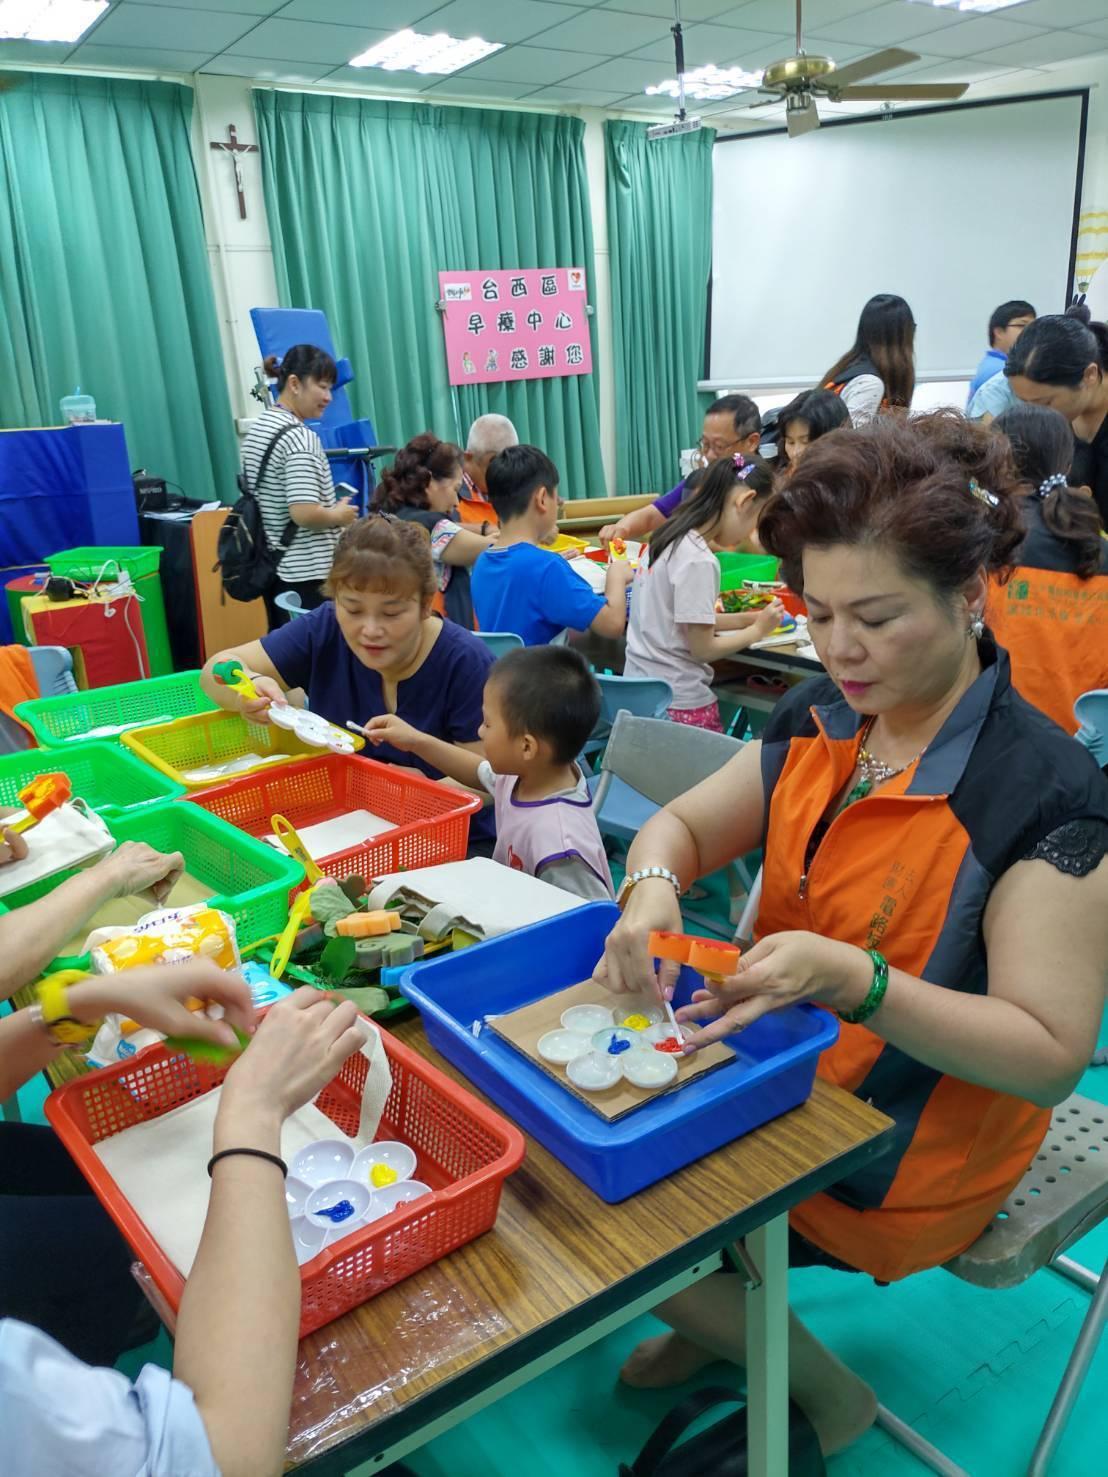 電路板環境公益基金會與台西區早療中心一起玩拓印創作。圖/電路板環境公益基金會提供